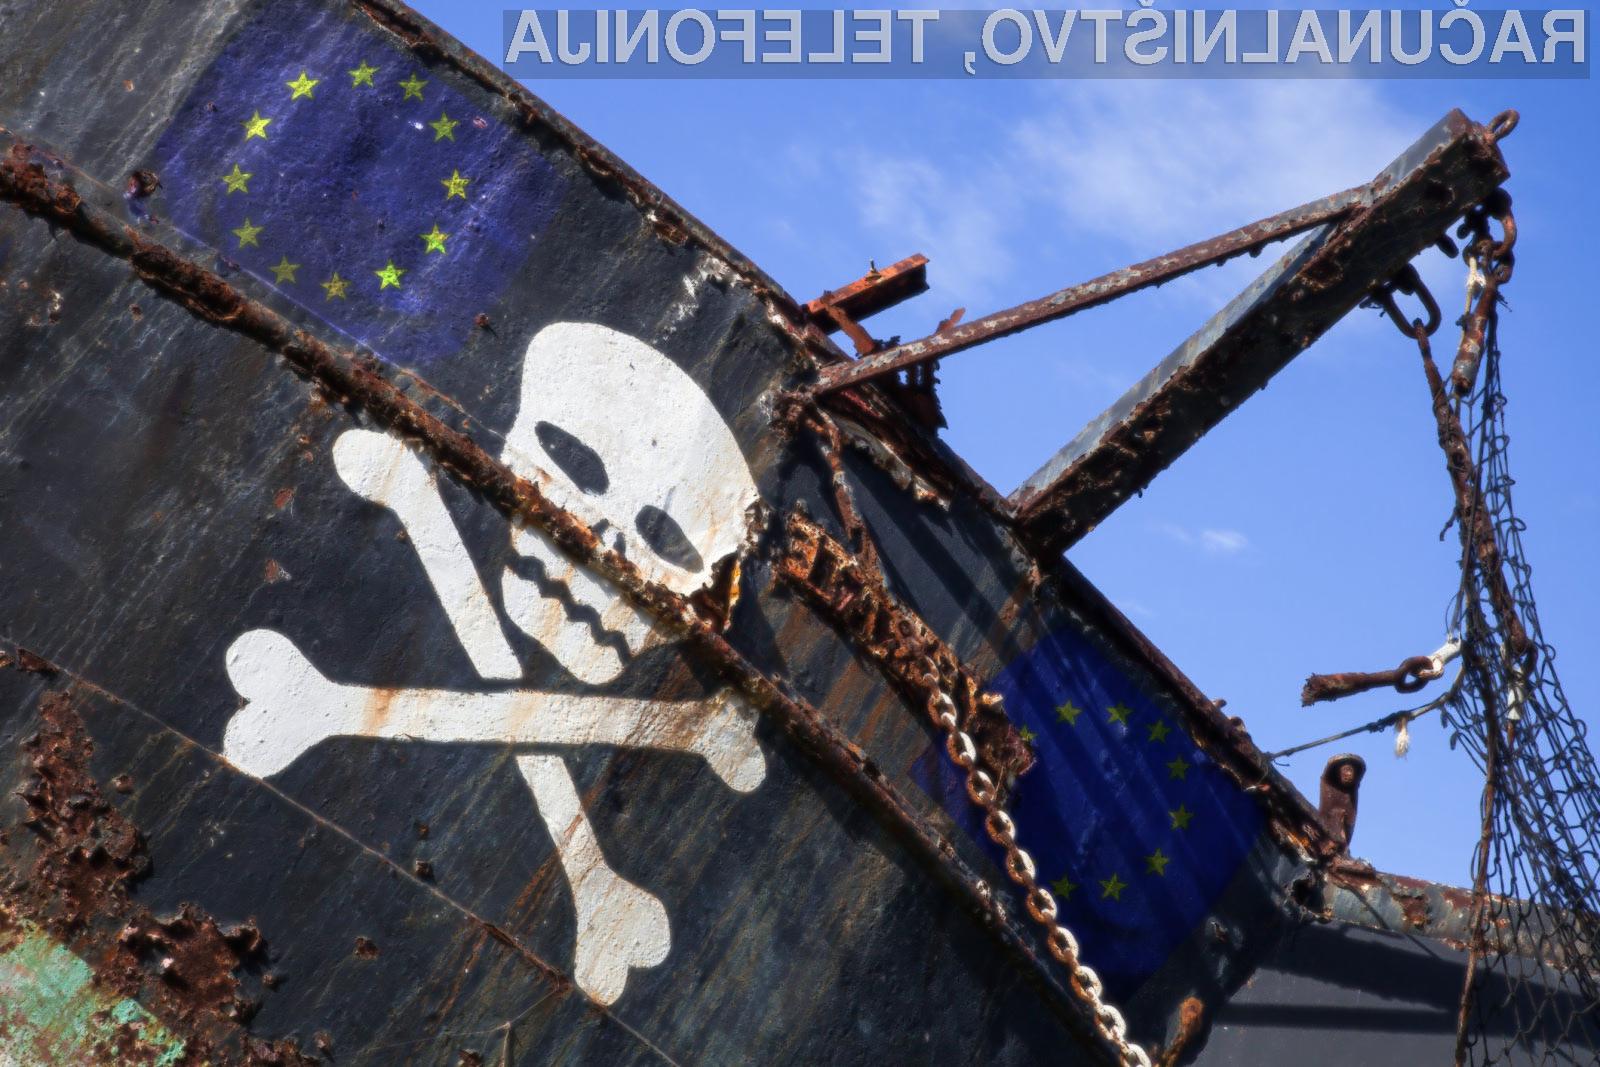 Evropski komisiji naj ne bi uspelo dokazati škodljivega vpliva spletnega piratstva!